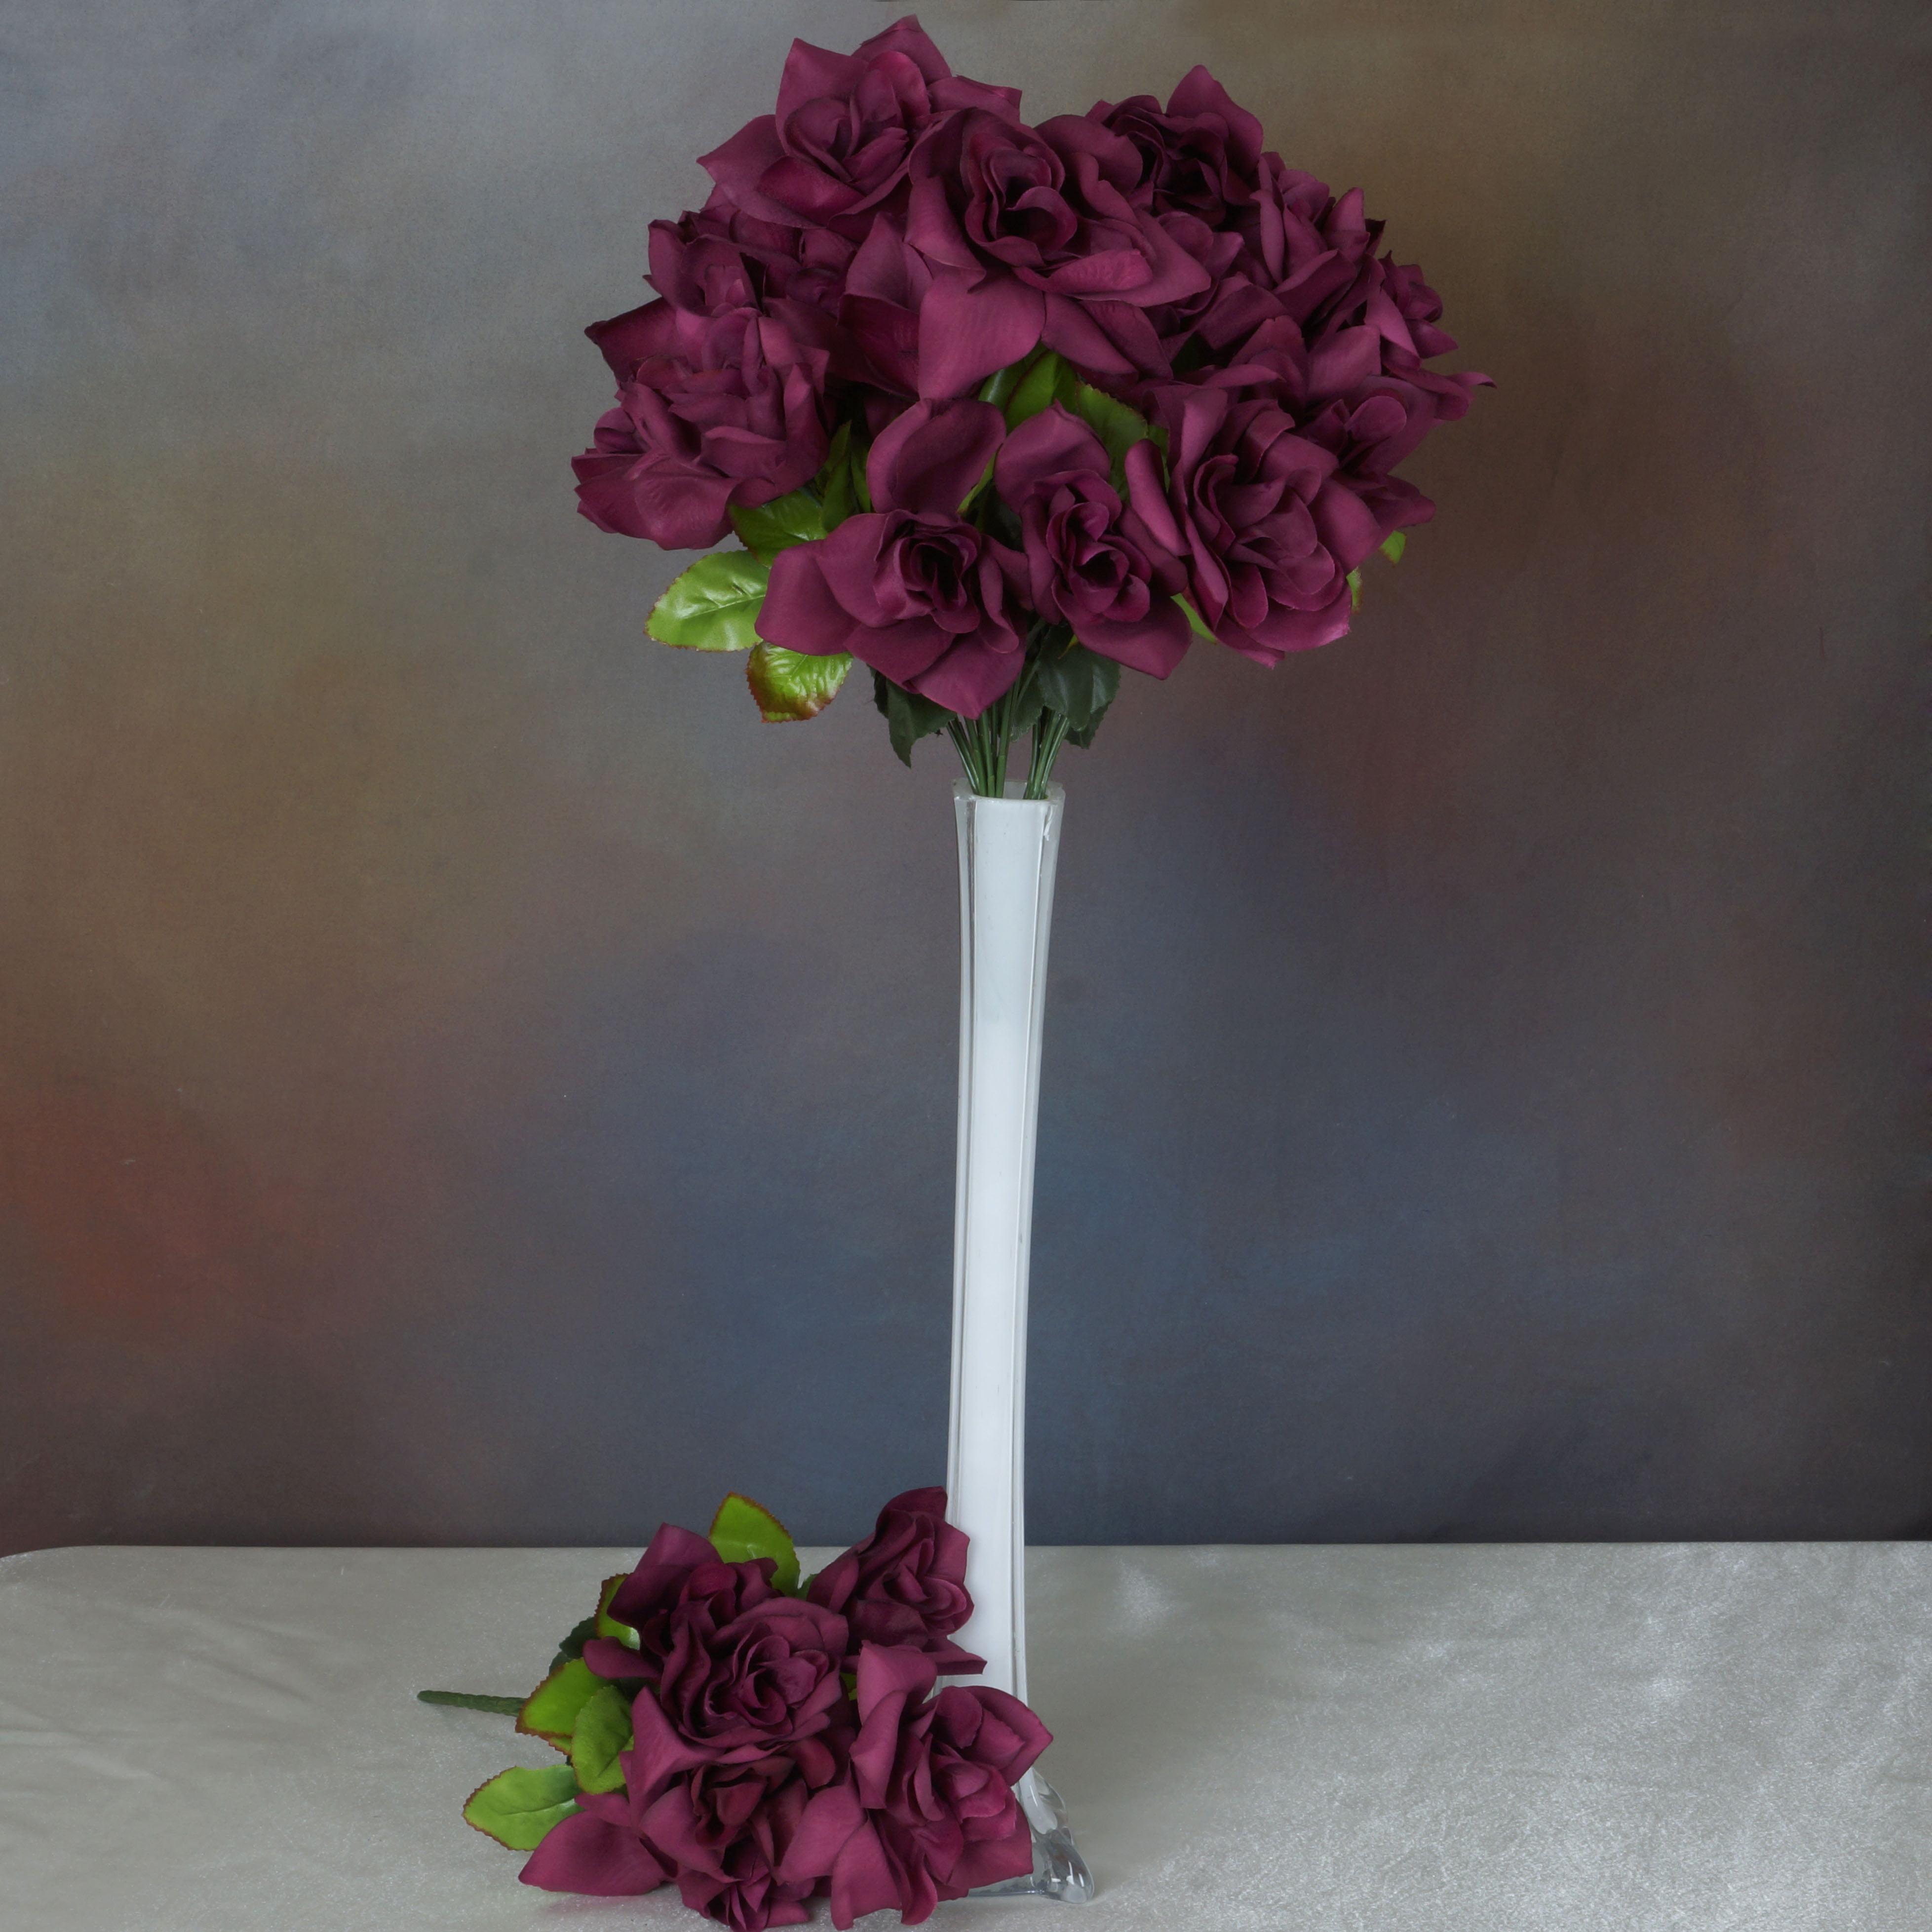 Efavormart 168 Open Velvet Roses for DIY Wedding Bouquets Centerpieces Arrangements Party Home Decorations Wholesale - 16 Colors